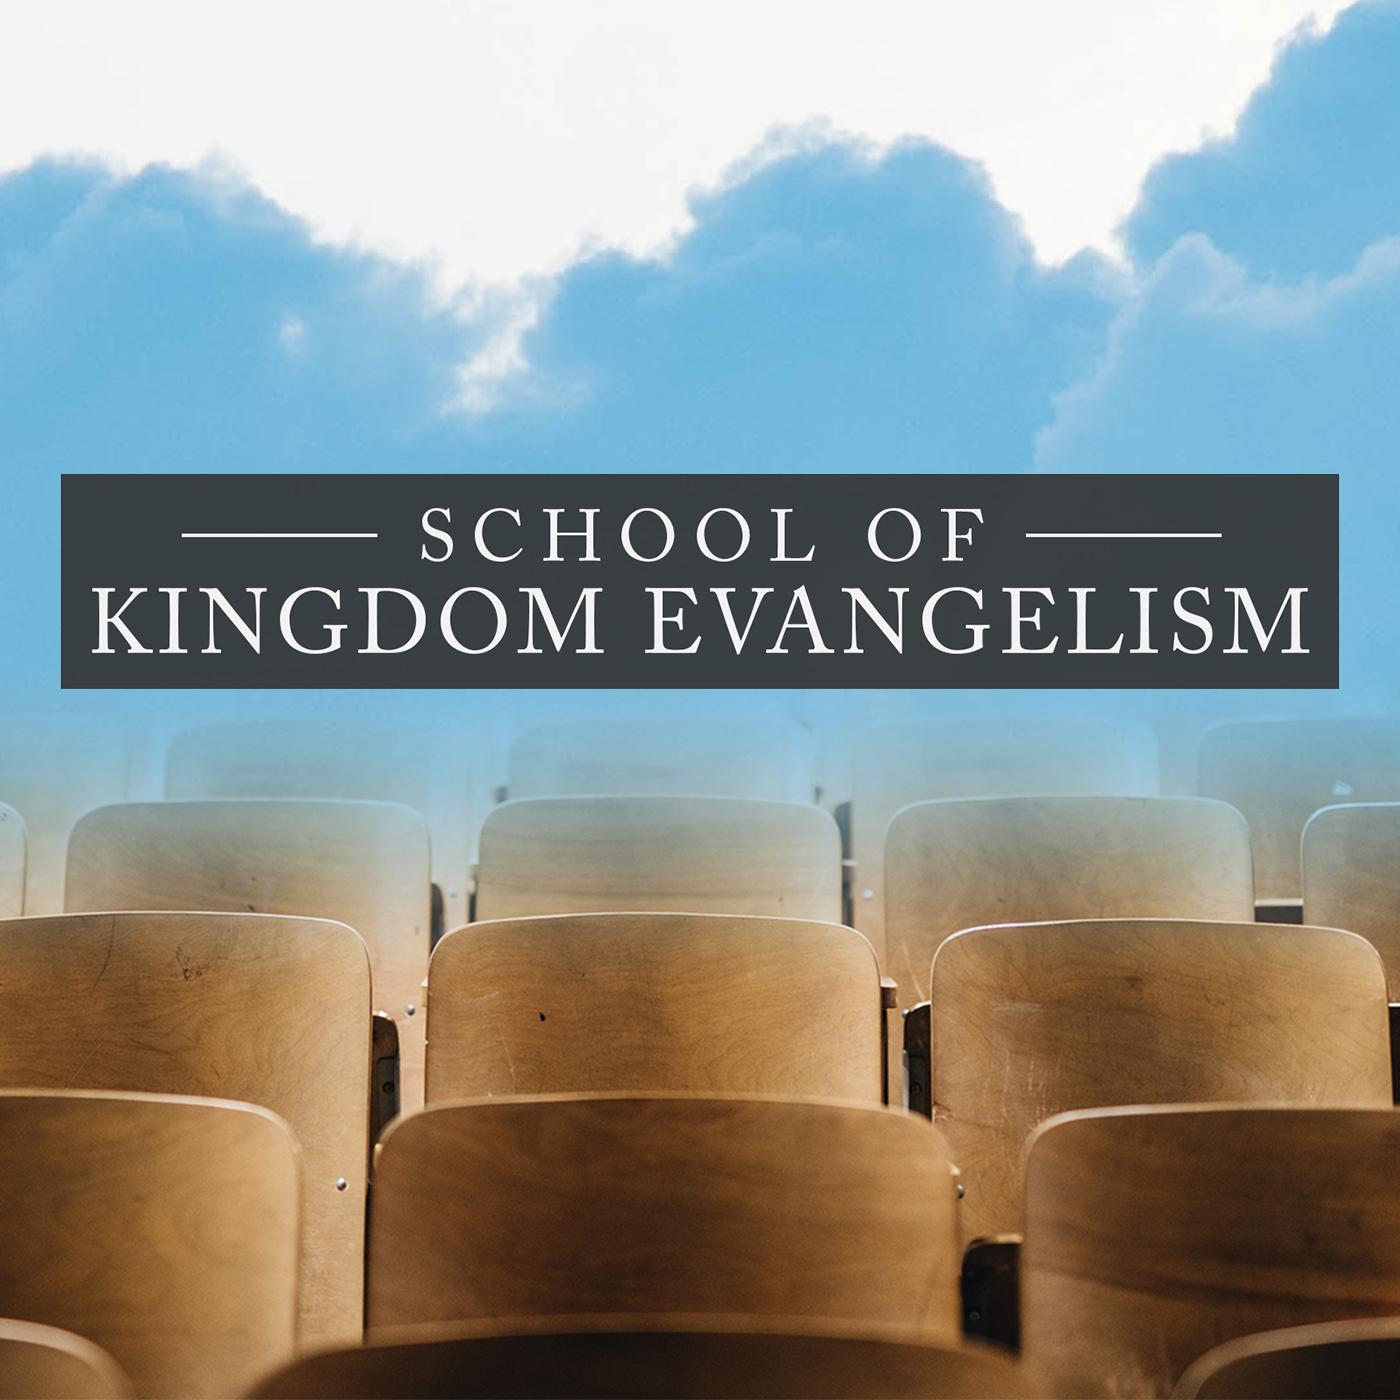 School of Evangelism Square Image.jpg